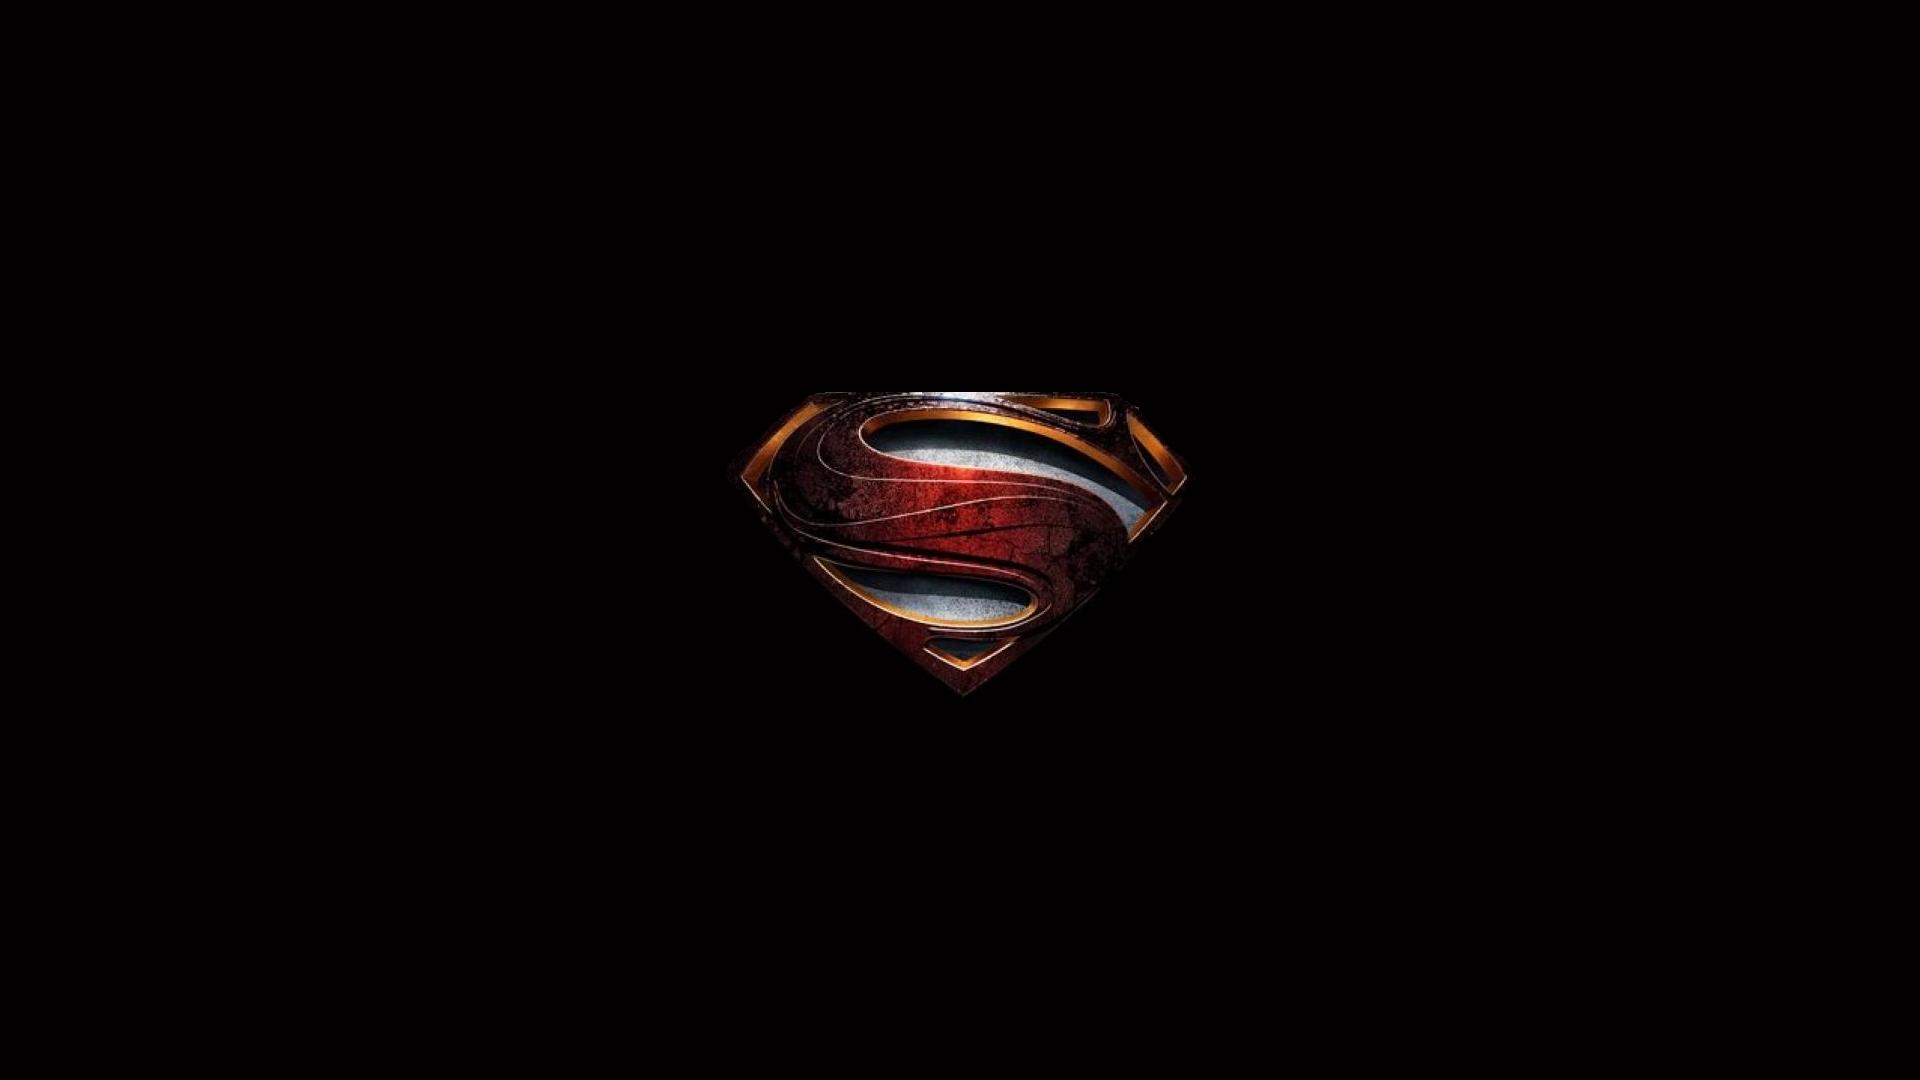 74+] Superheroes Logos Wallpaper on WallpaperSafari.